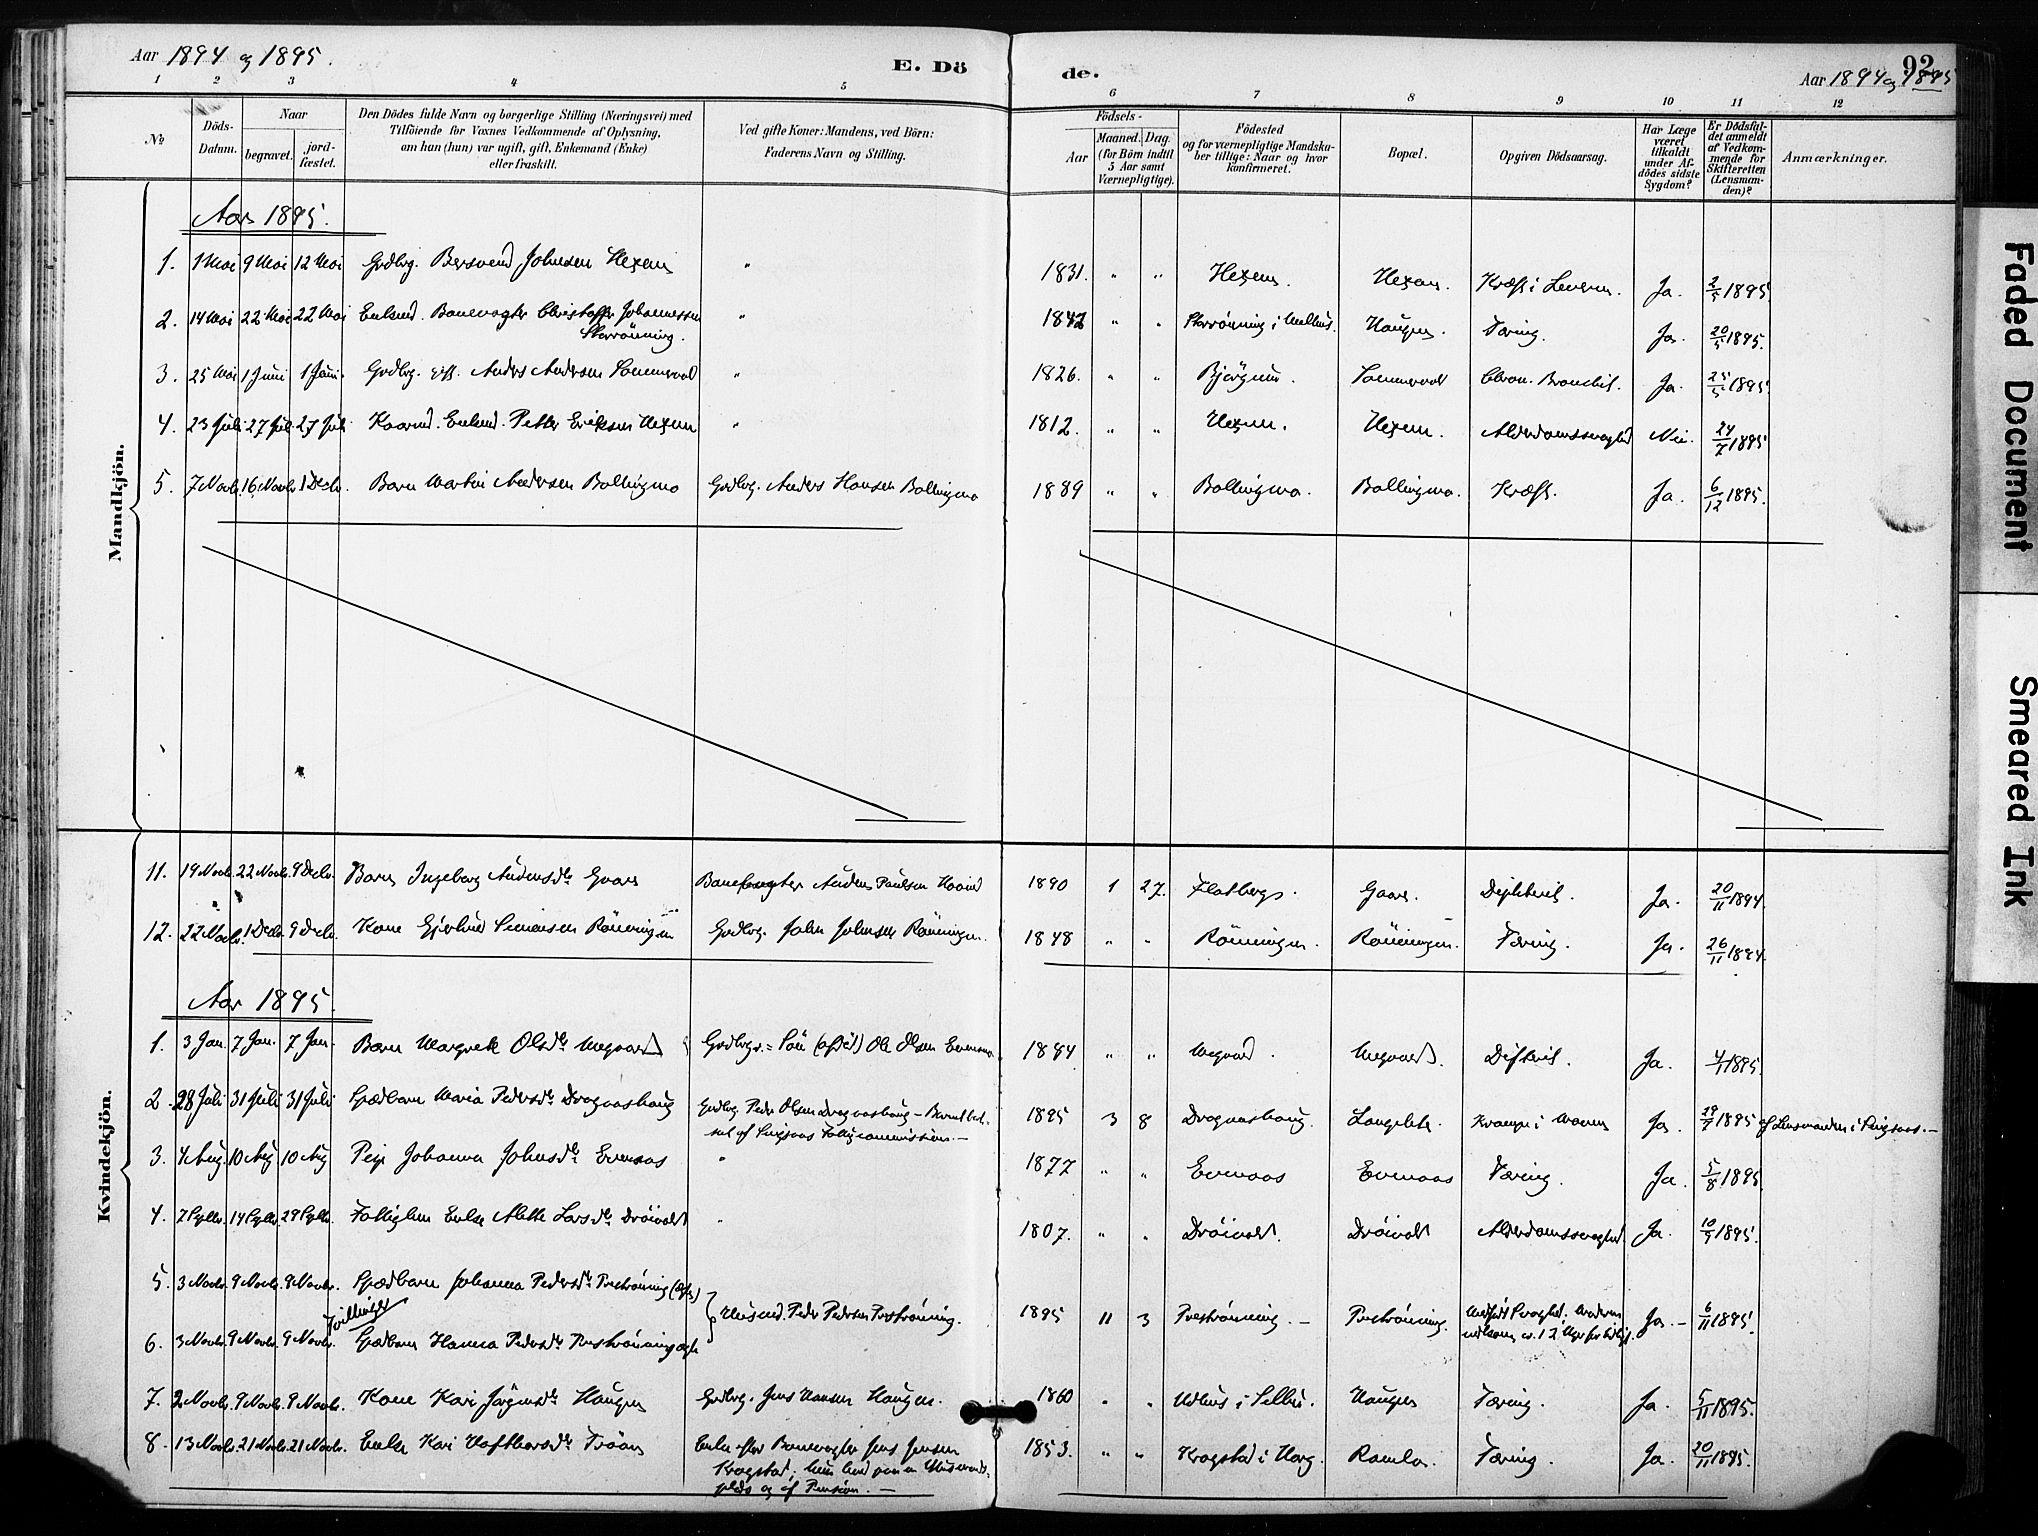 SAT, Ministerialprotokoller, klokkerbøker og fødselsregistre - Sør-Trøndelag, 685/L0973: Ministerialbok nr. 685A10, 1891-1907, s. 92